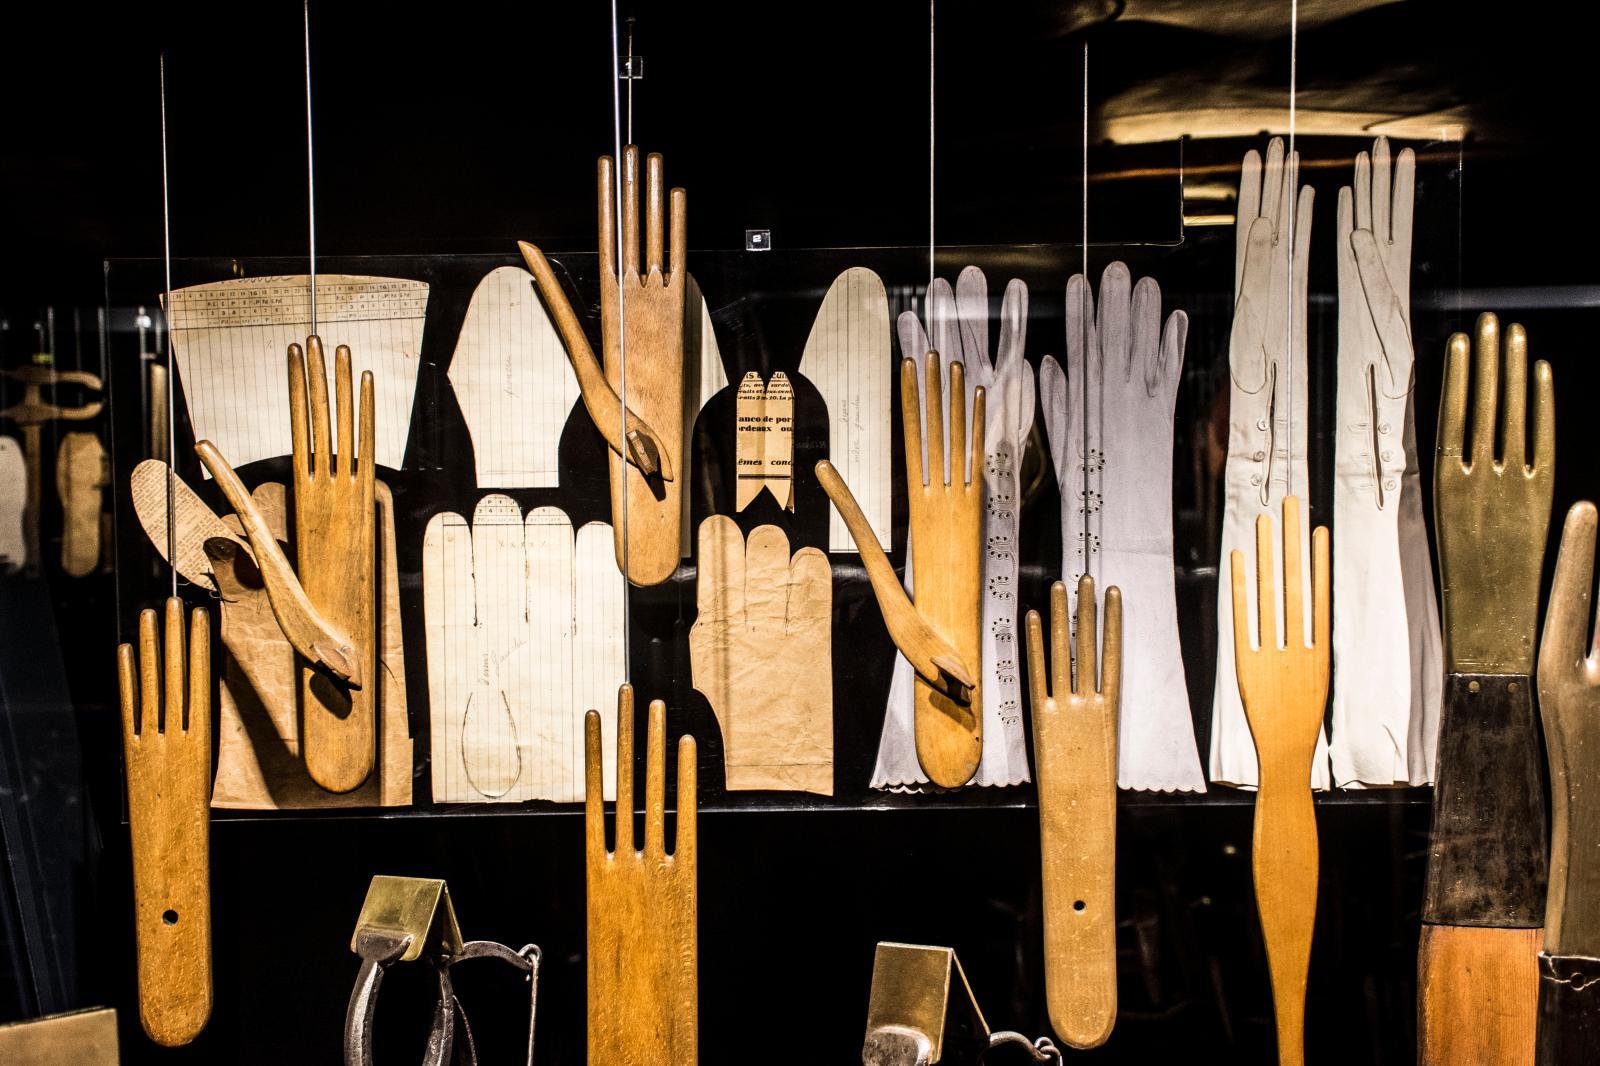 Les outils, ici du gantier, autre sujet de curiosité pour Emmanuel Pierrat.